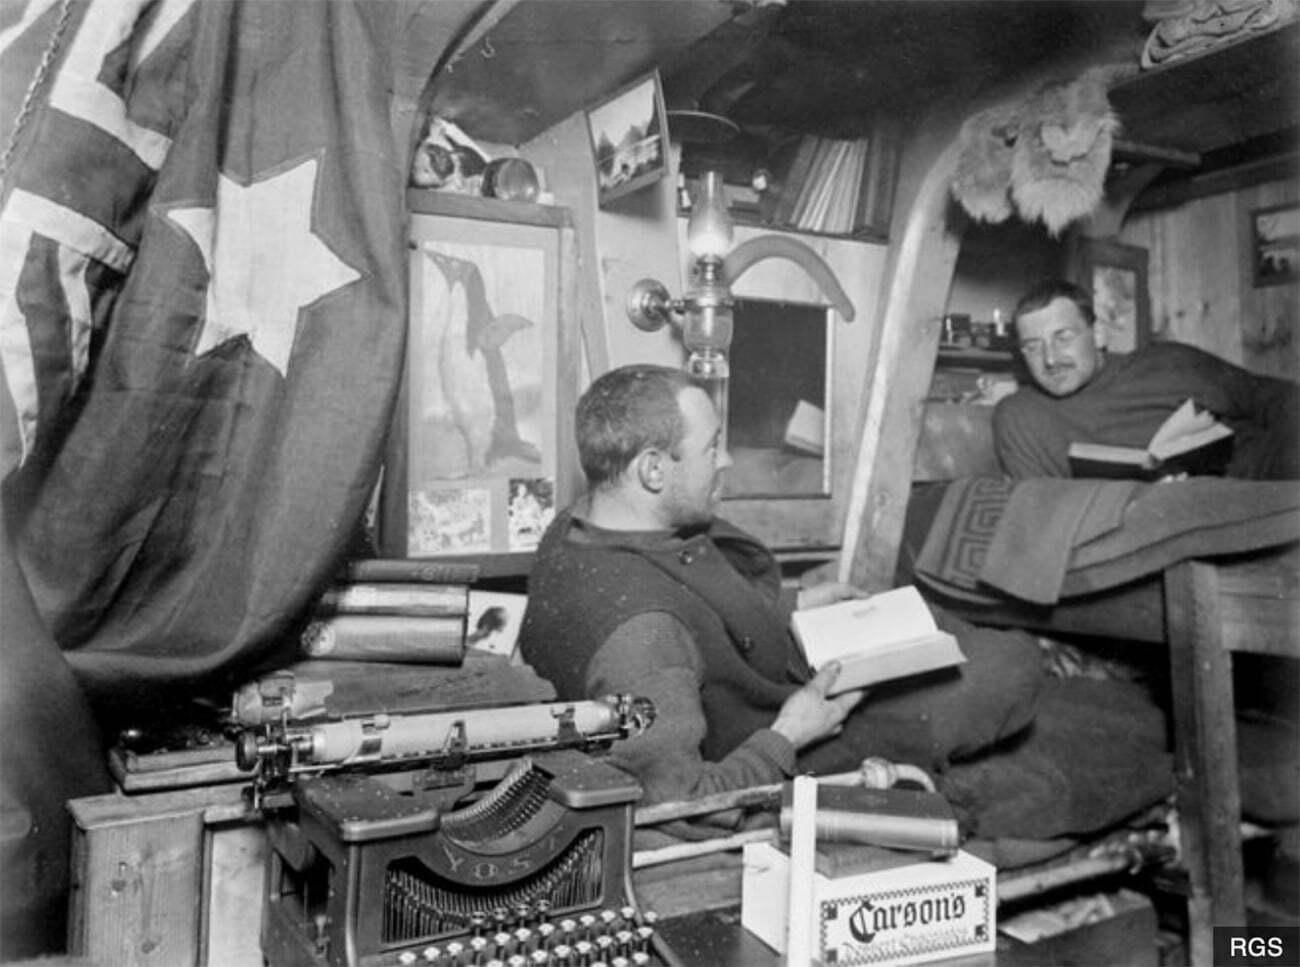 imagem da cabine do endurece com dois tripulantes